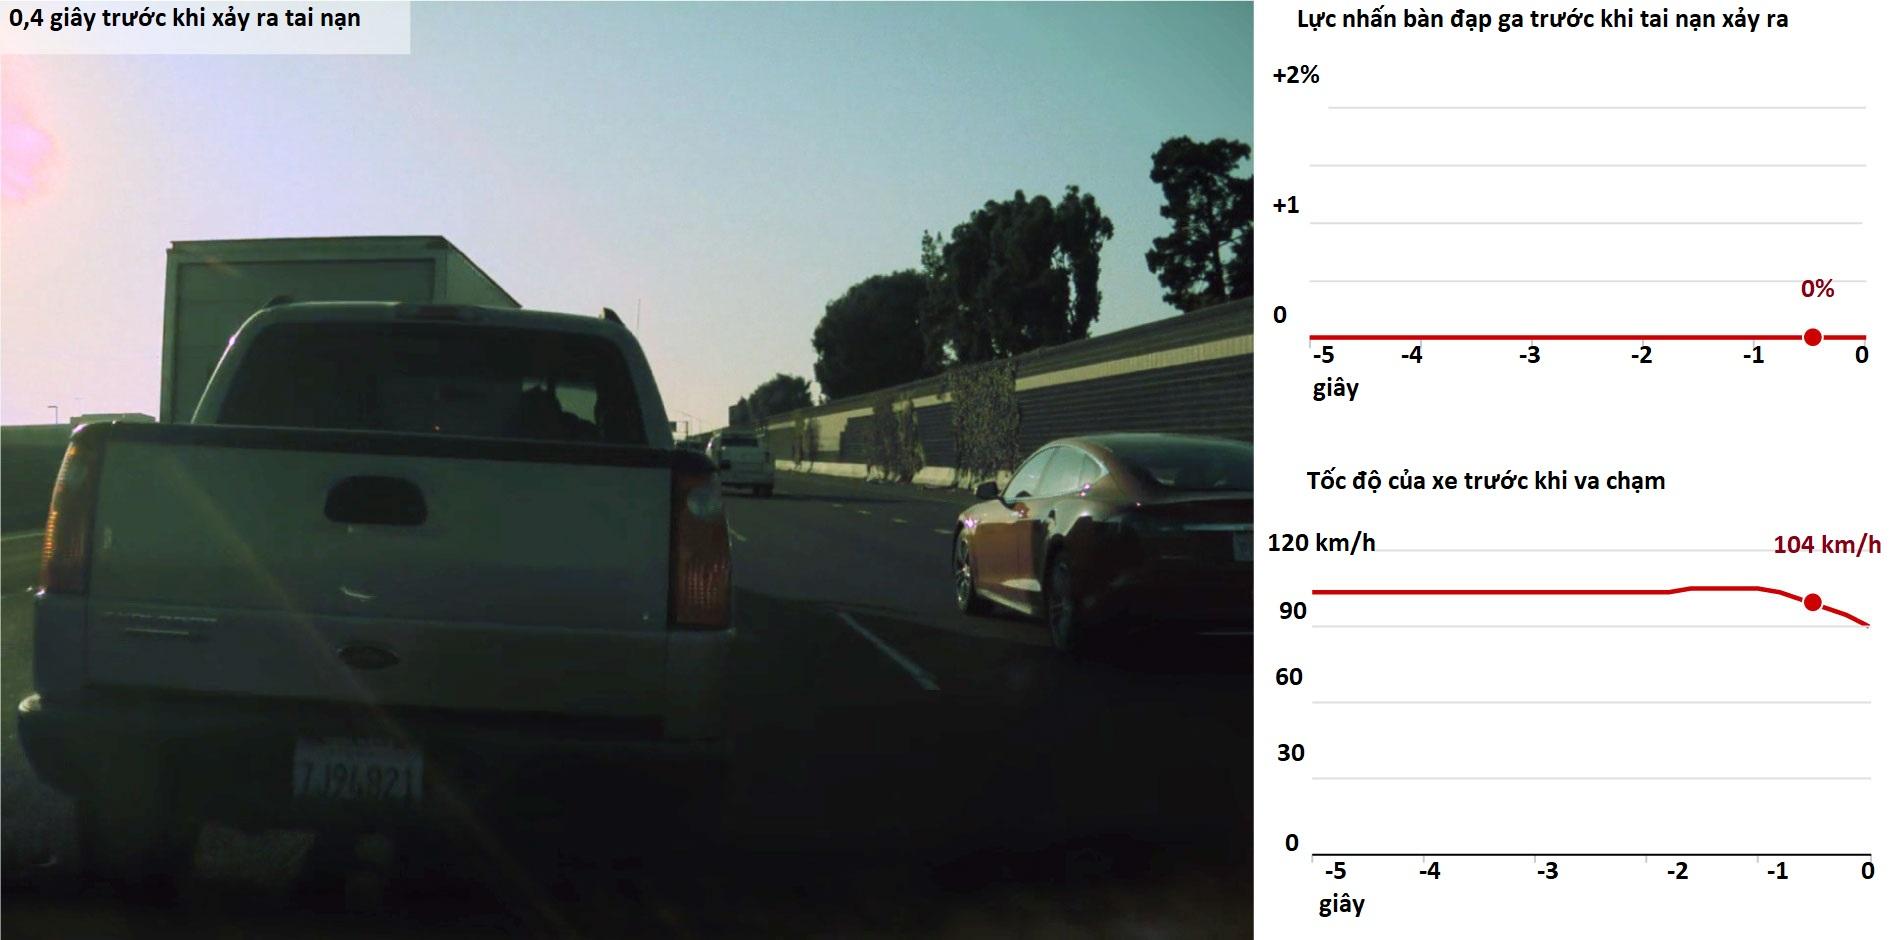 [ảnh 2] Ghi chú: Lực nhấn bàn đạp ga đo lường bàn đạp bị nhấn xuống nhiều như thế nào dưới dạng tỉ lệ phần trăm. Video và dữ liệu từ chiếc Tesla do Benjamin Swanson, luật sư của gia đình Maldonado, cung cấp.